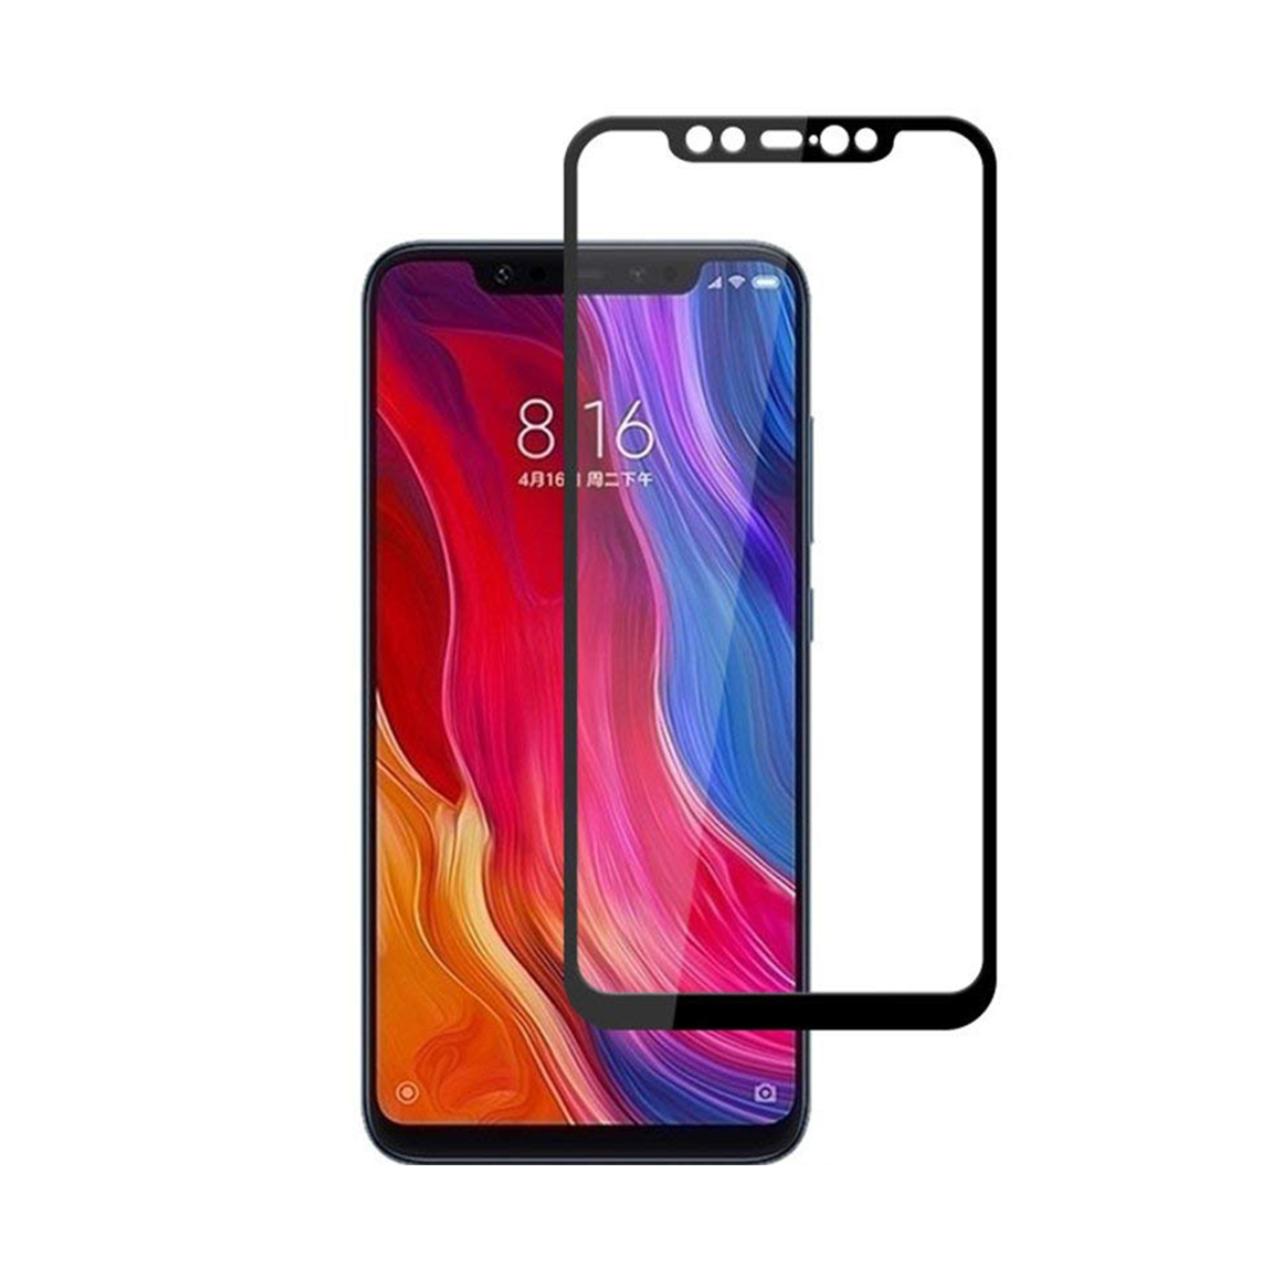 محافظ صفحه نمایش نیکسو مدل FG مناسب برای گوشی موبایل شیائومی MI 8